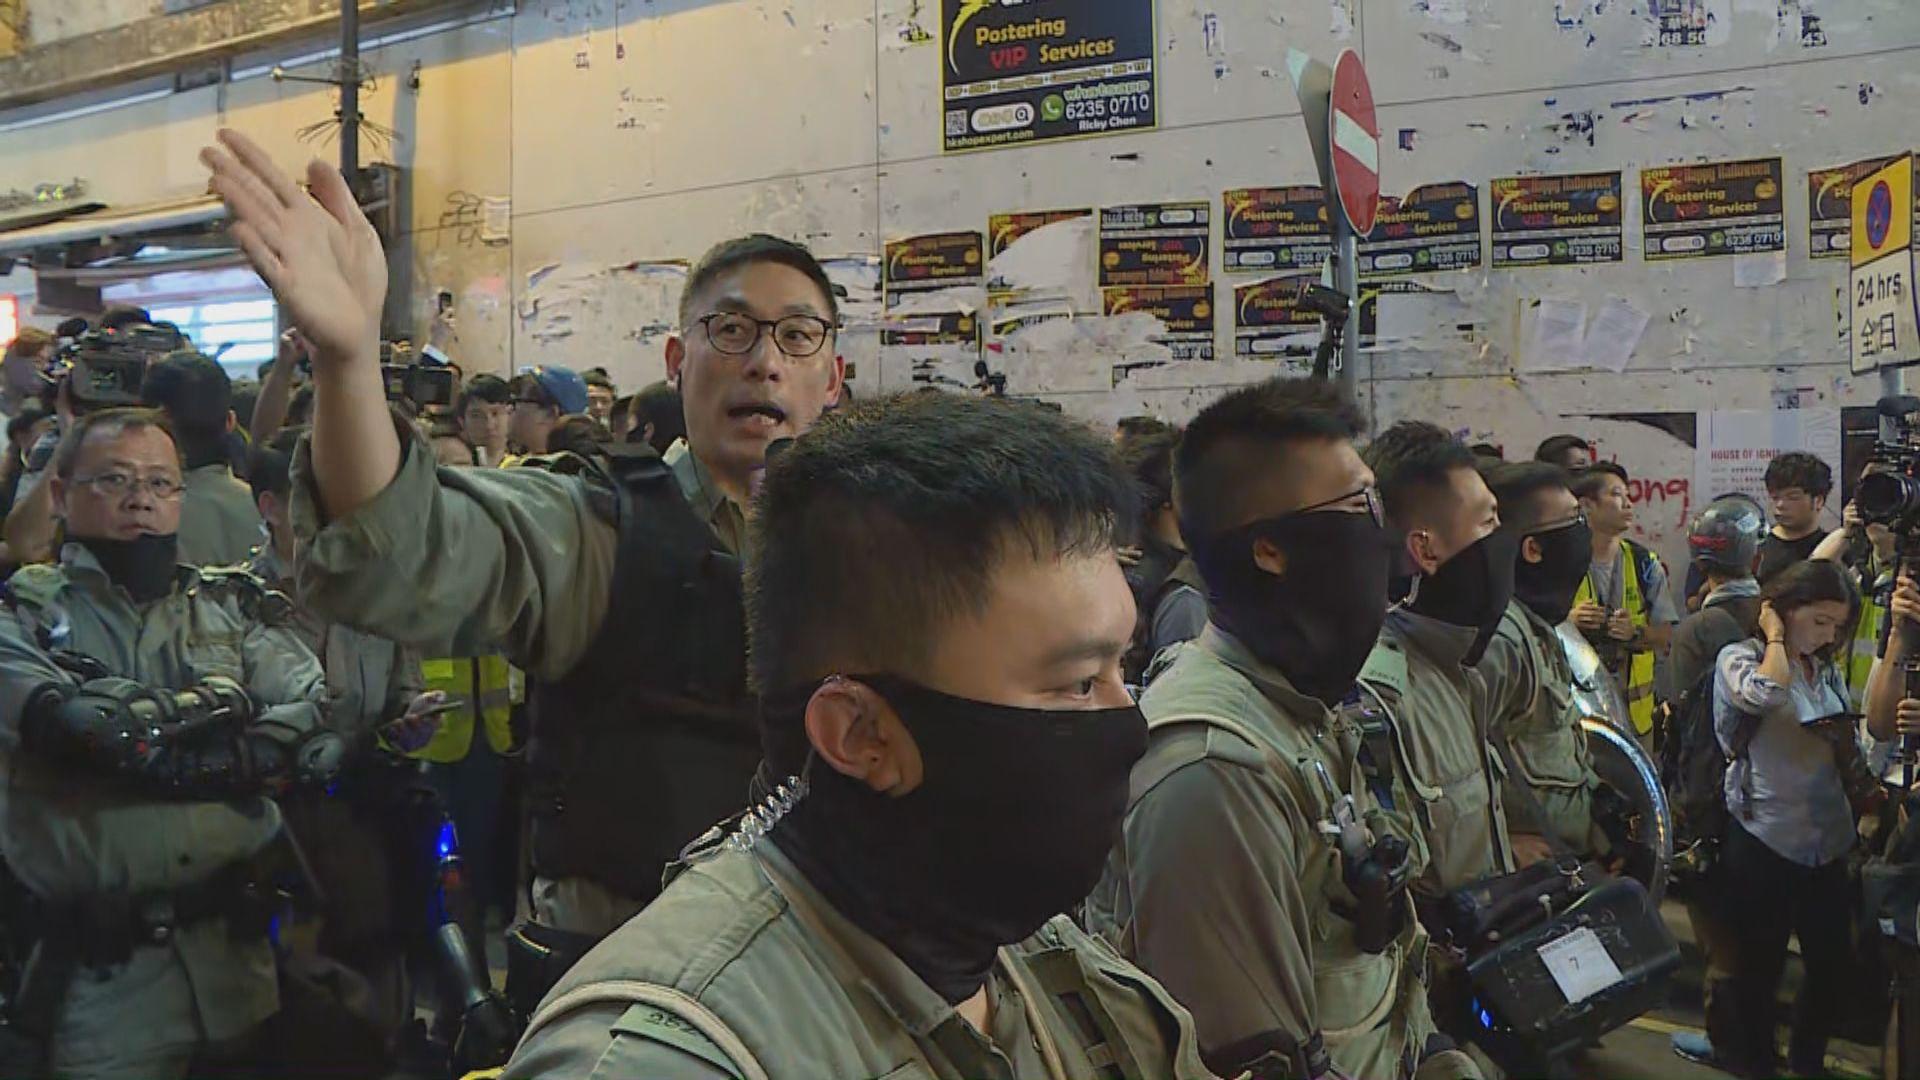 警方廣播指蘭桂坊範圍已封閉